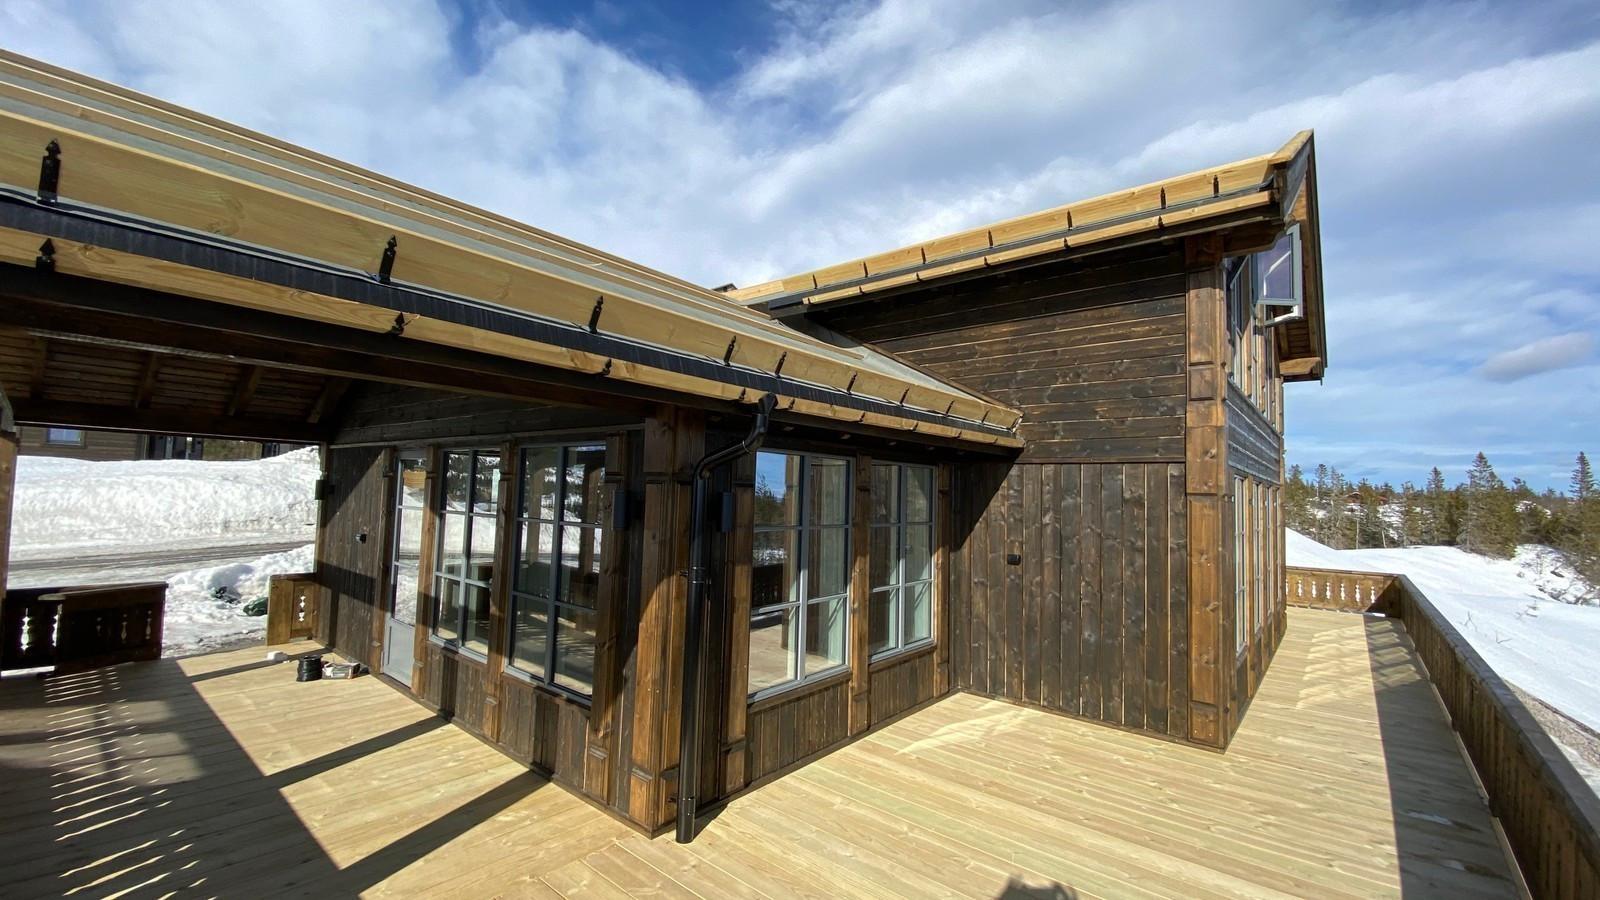 Det er praktisk og koselig med en stor terrasse. Her er den bygget litt ekstra på, som et tilvalg. Man får da mye areal under tak.